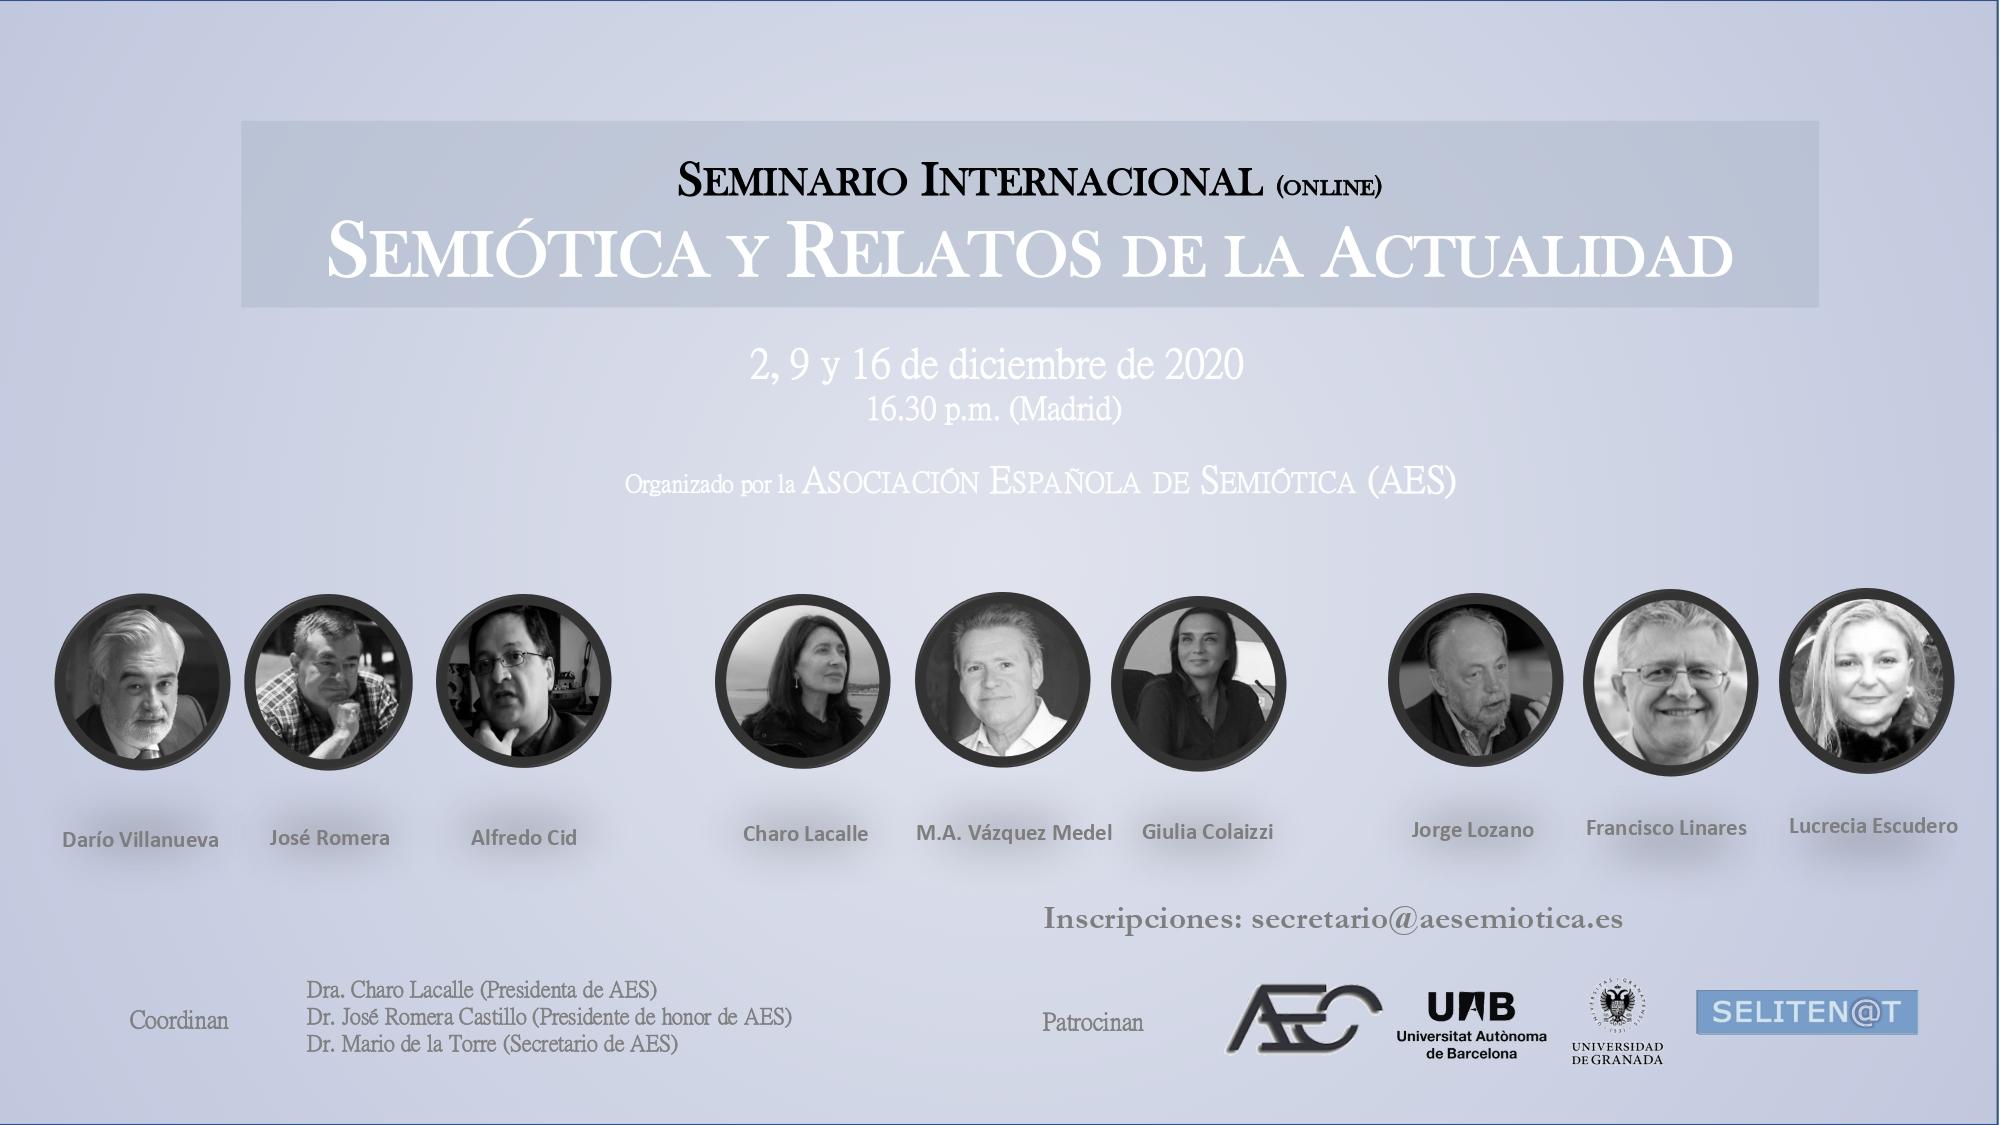 Cartel Seminario Semiotica y Relatos de la Actualidad